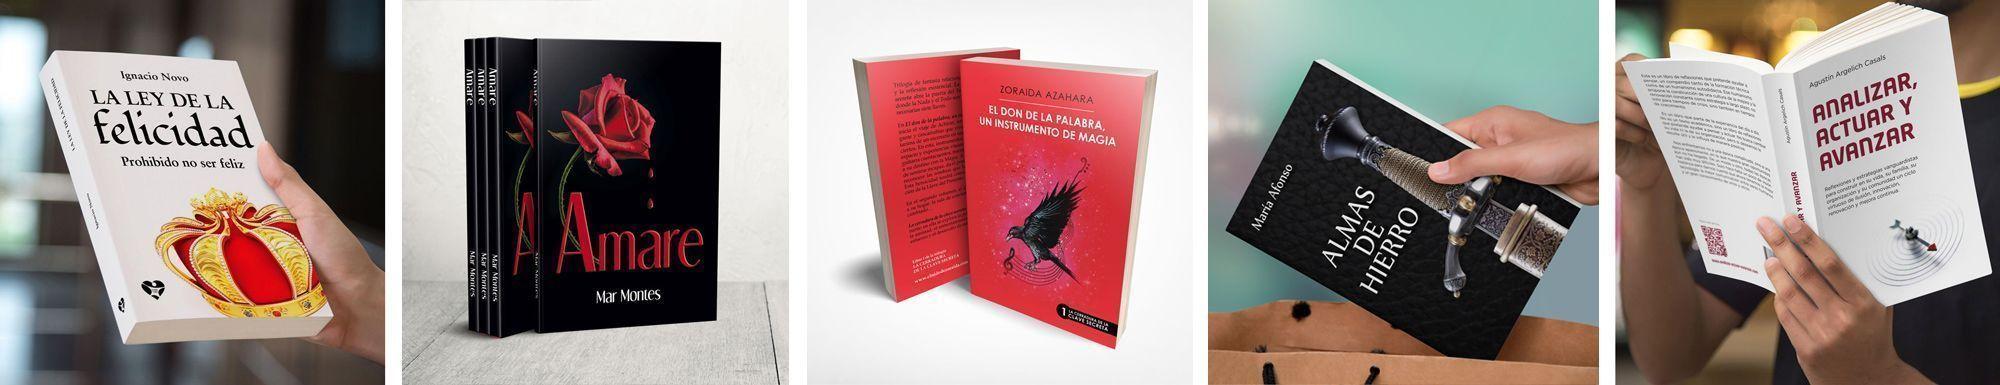 Publica tu libro en CreateSpace con nuestros servicios de calidad editorial